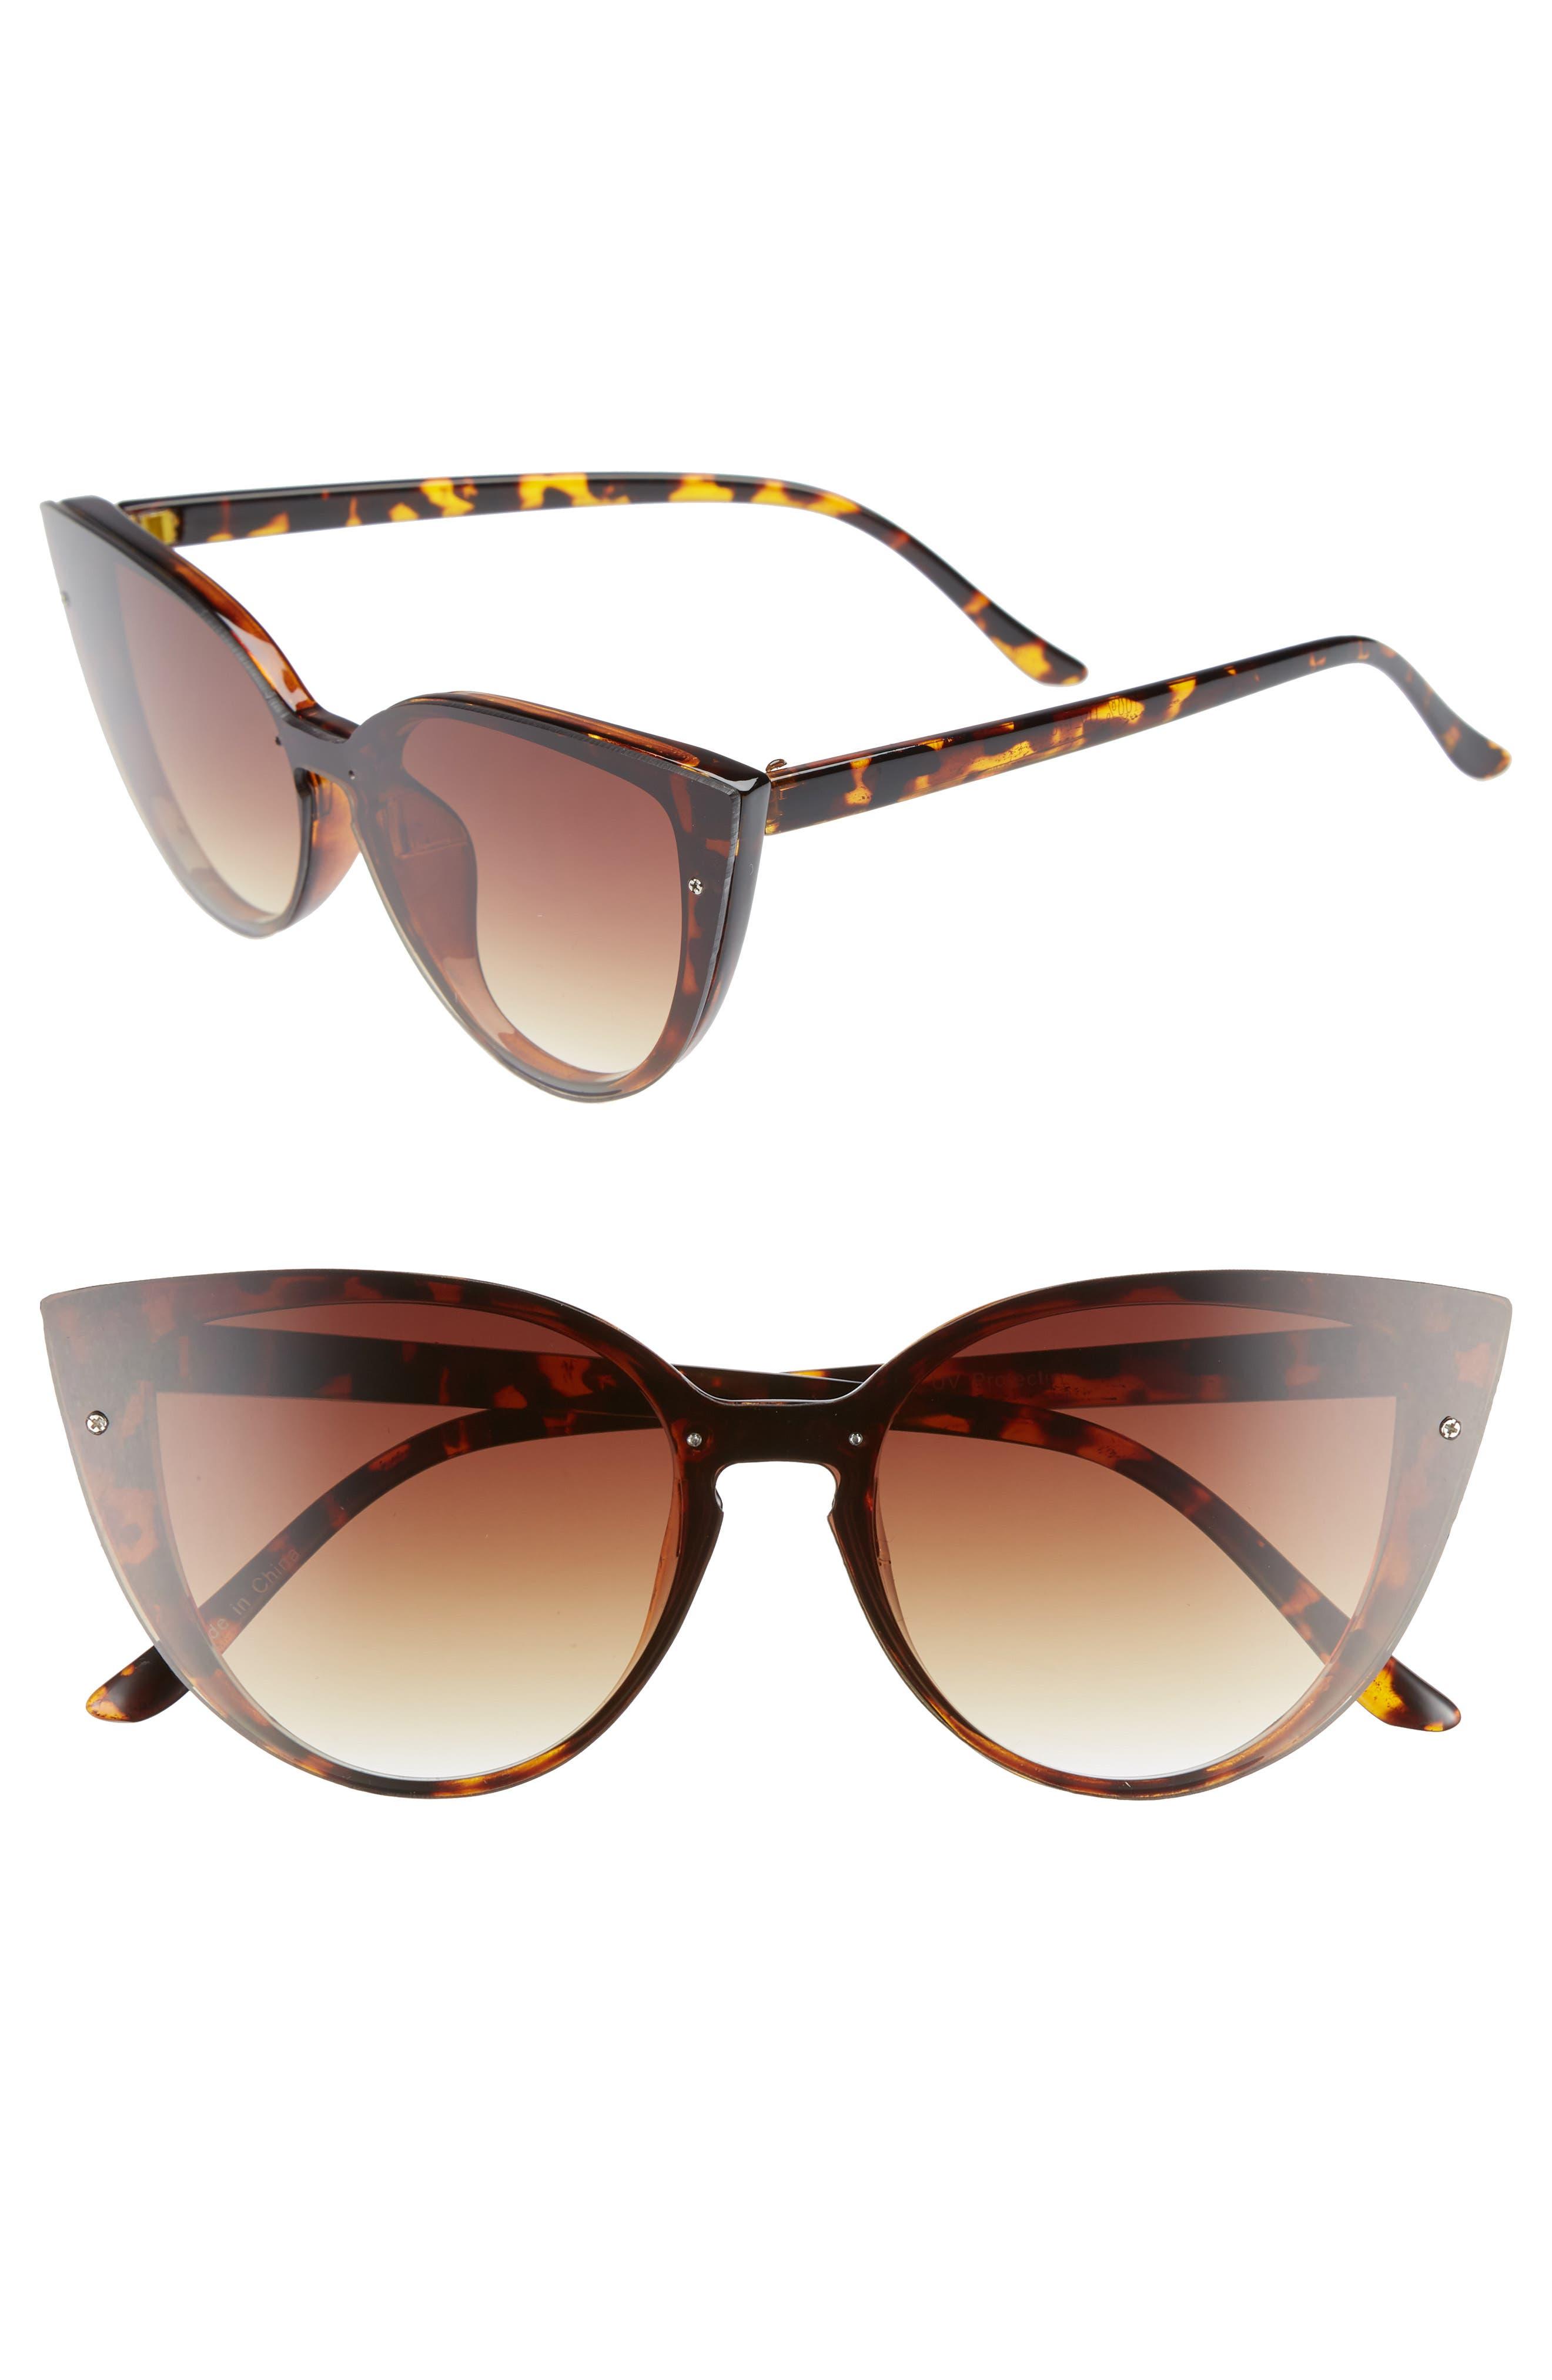 52mm Flat Cat Eye Sunglasses,                             Main thumbnail 1, color,                             200